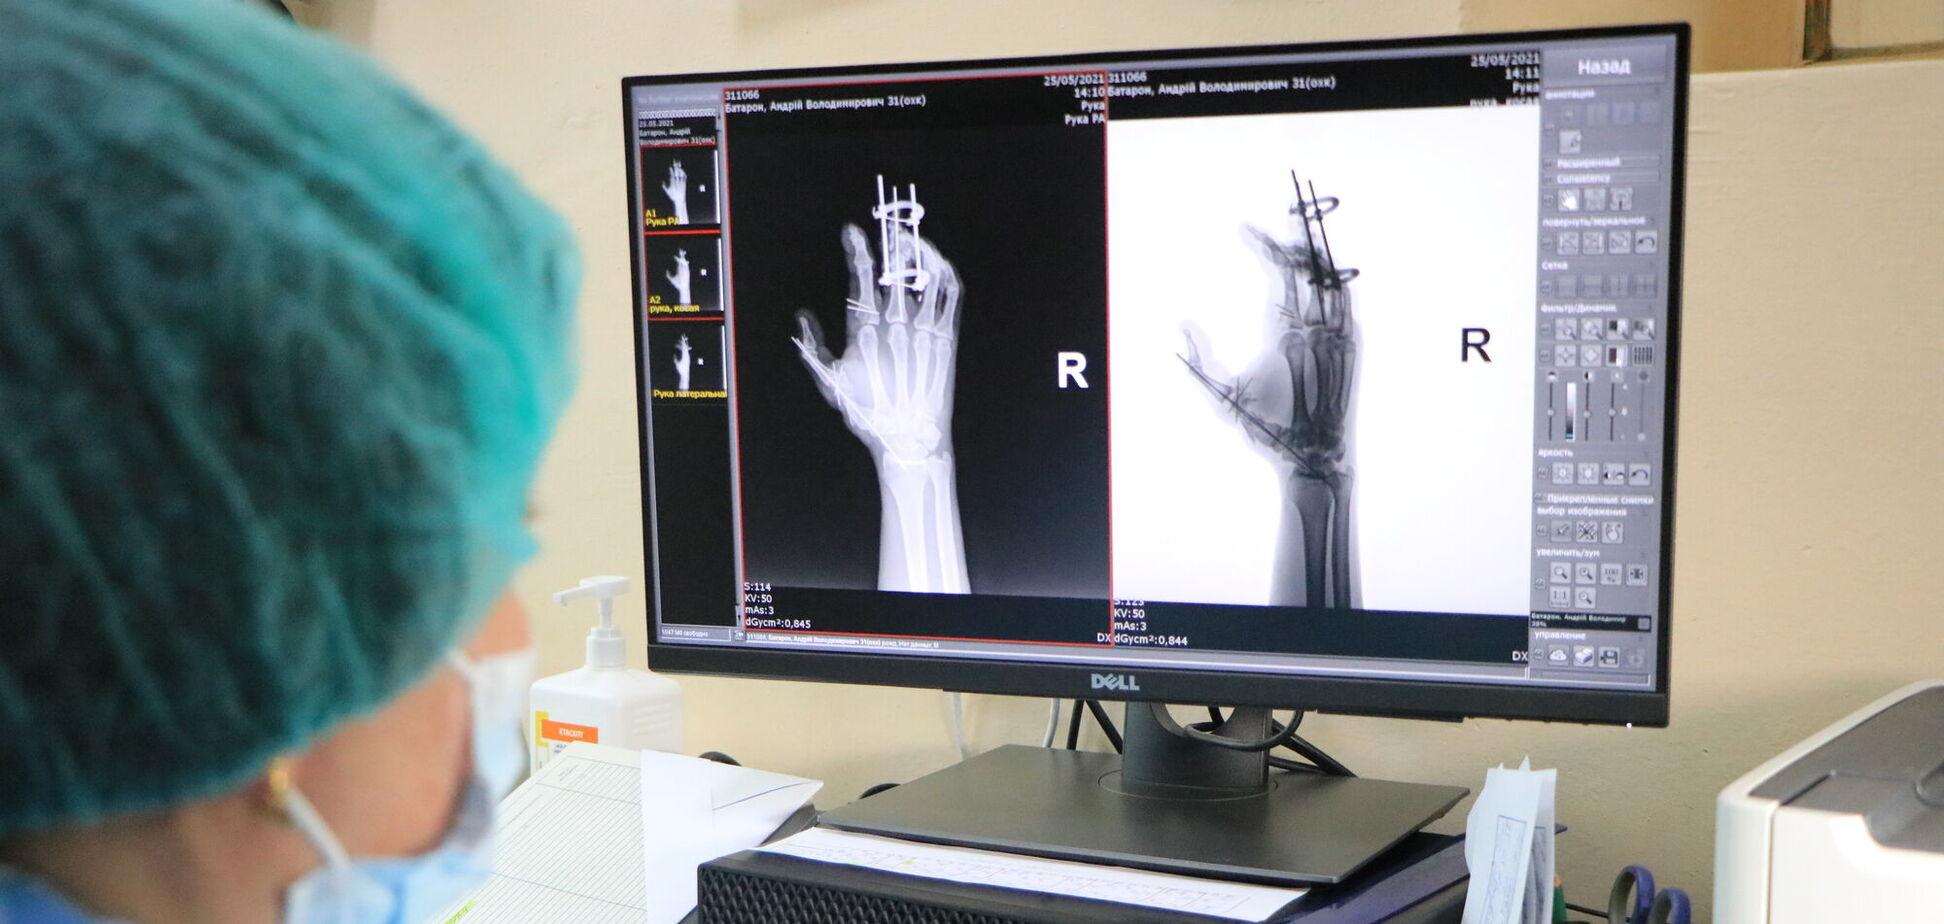 У 16-й лікарні Дніпра запрацював новітній цифровий рентгенапарат, який робить більше ніж 150 знімків на день